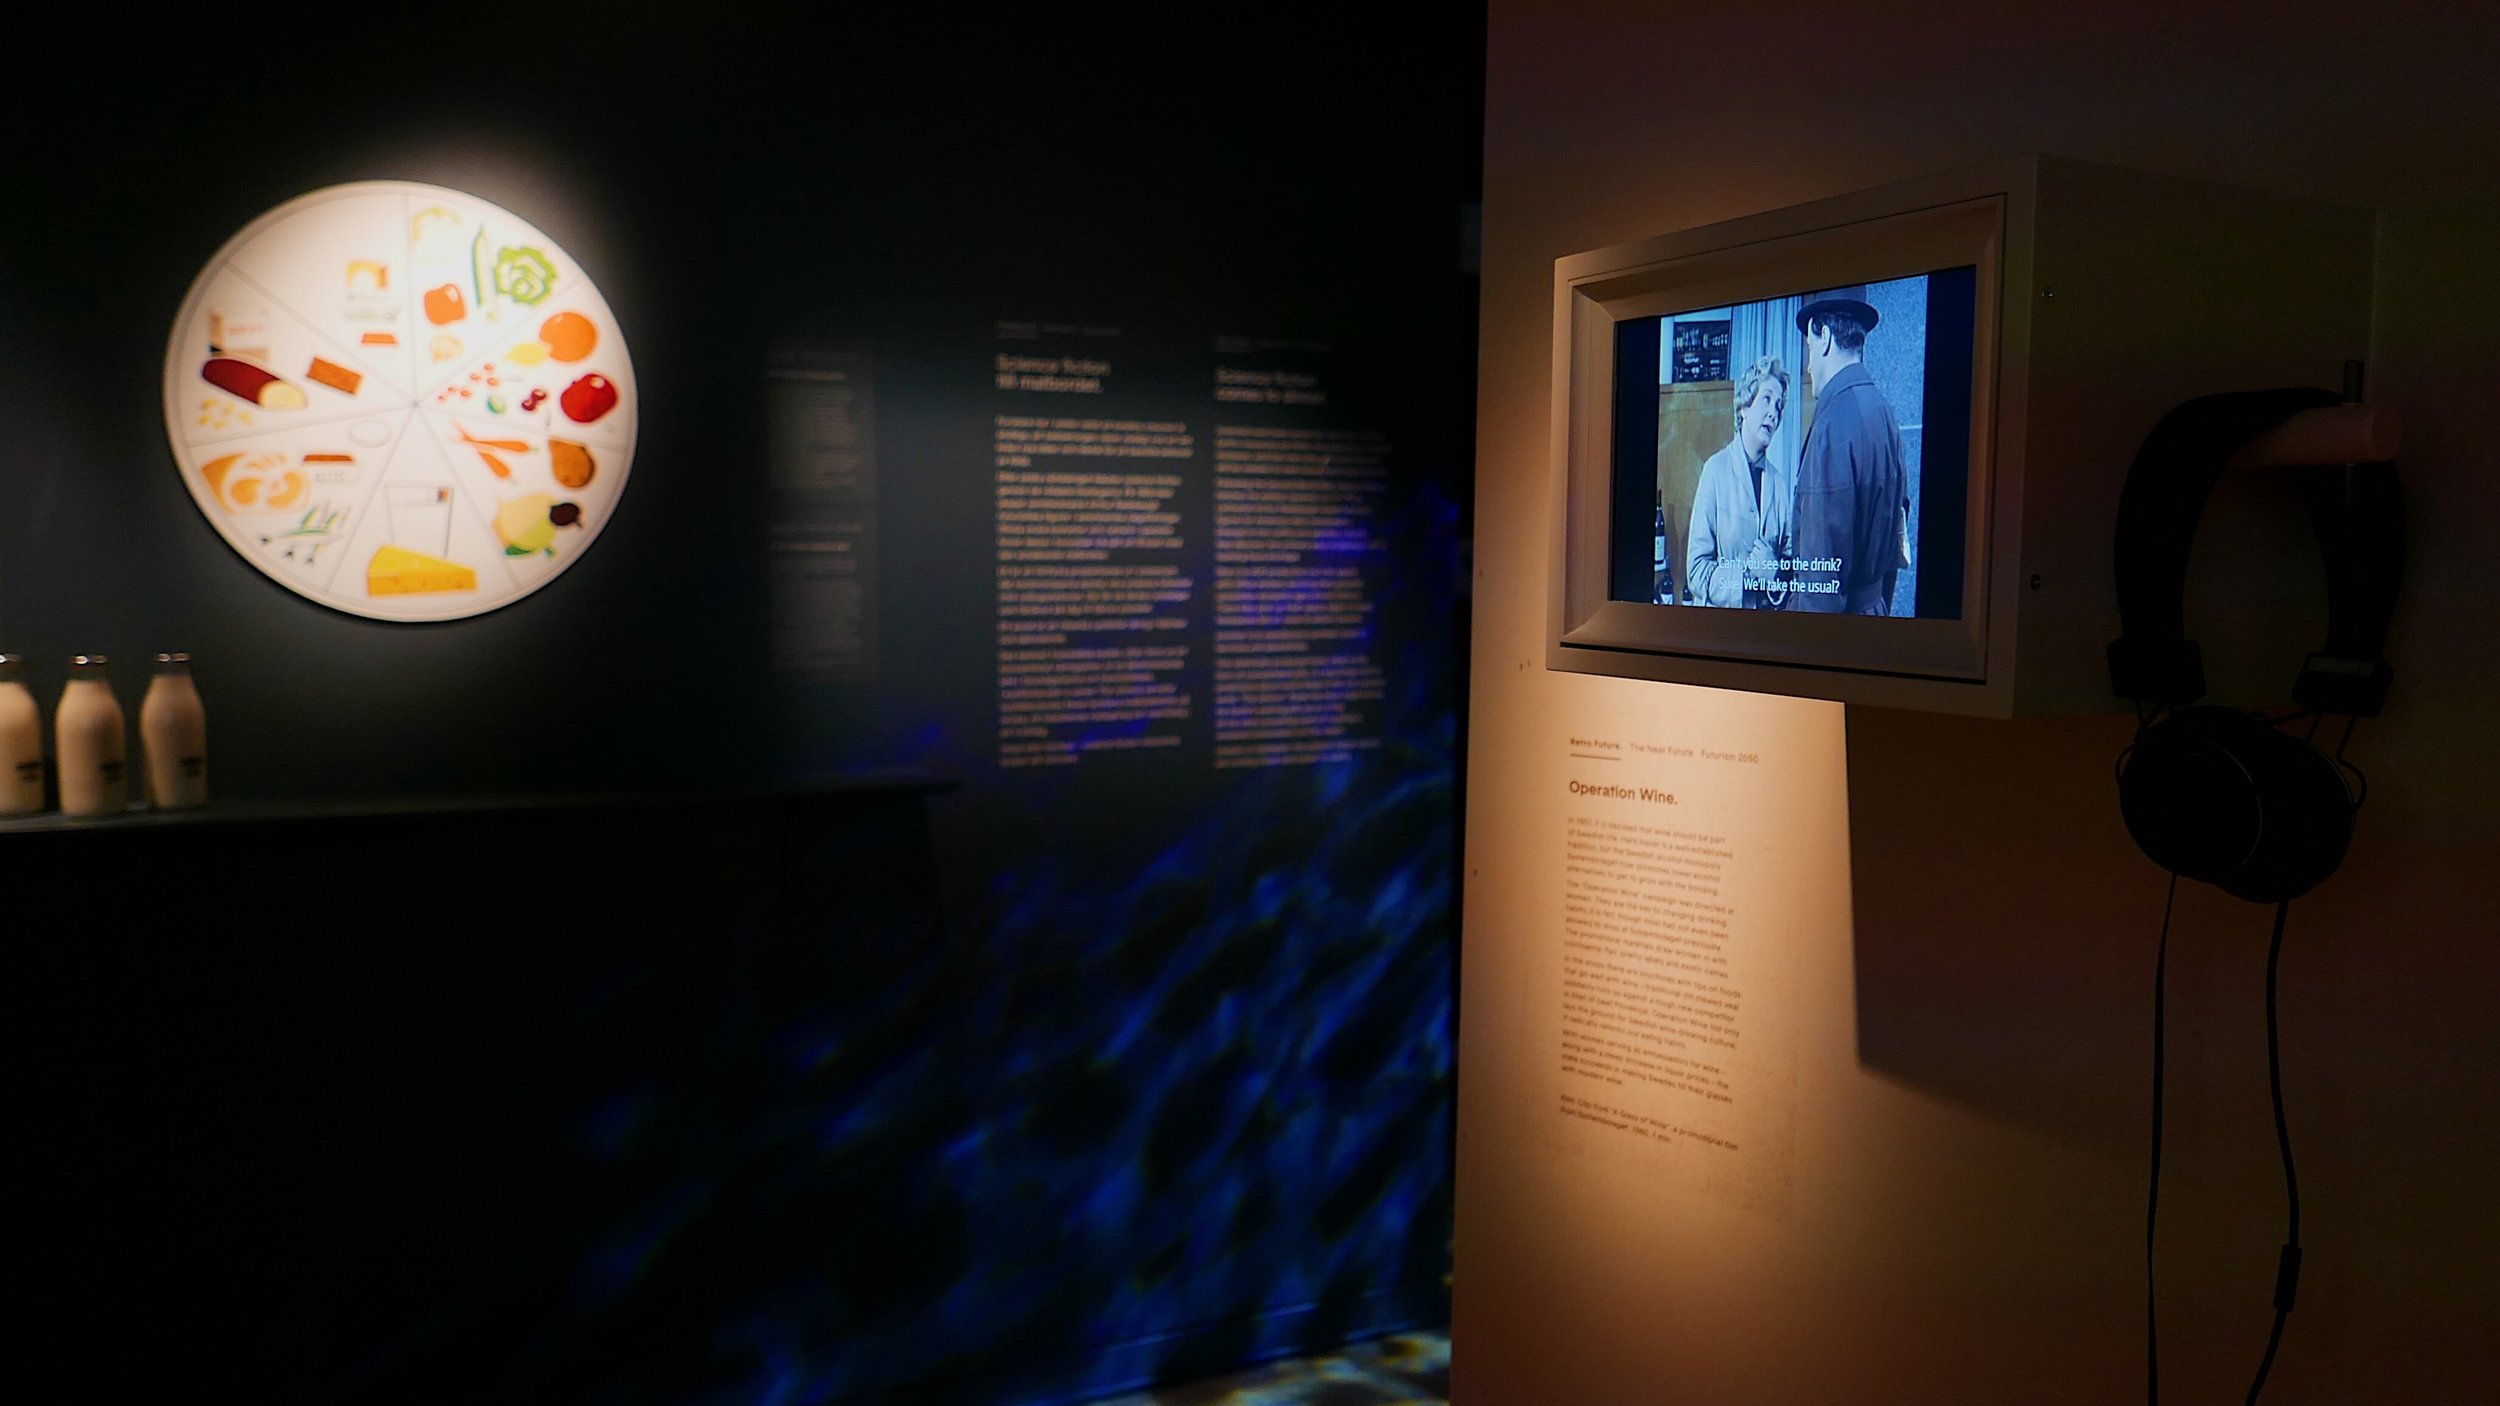 framtidensmd_framtiden-dacc8a-husmorsfilm_spritmuseum-3200x1800.jpg